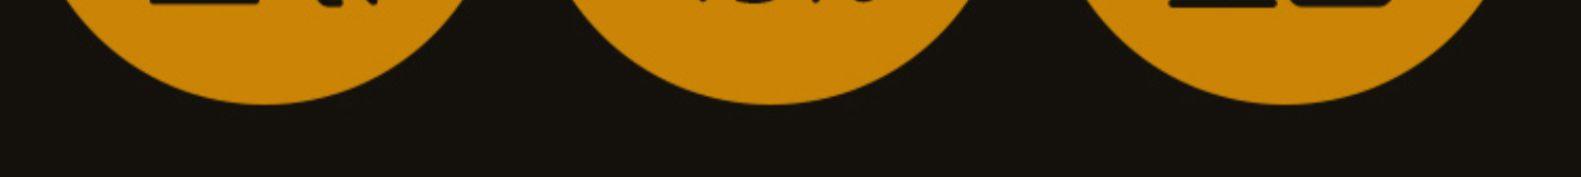 响铃卷炸豆皮脆铃卷火锅专用麻辣烫螺蛳粉食材腐皮卷油炸腐竹皮卷详细照片